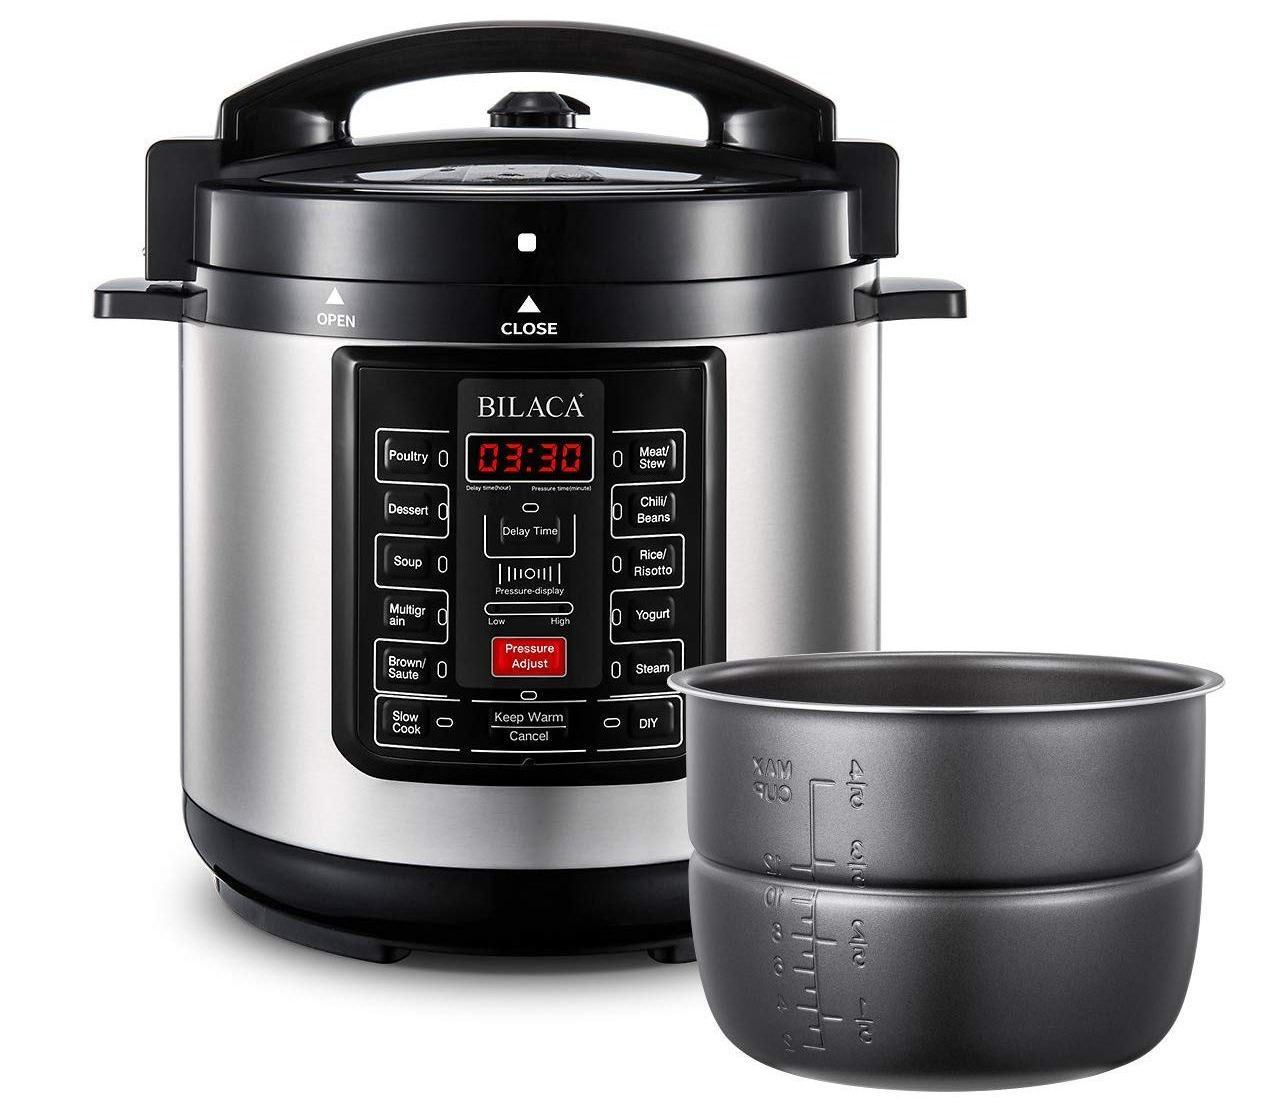 bilaca nonstick pressure cooker